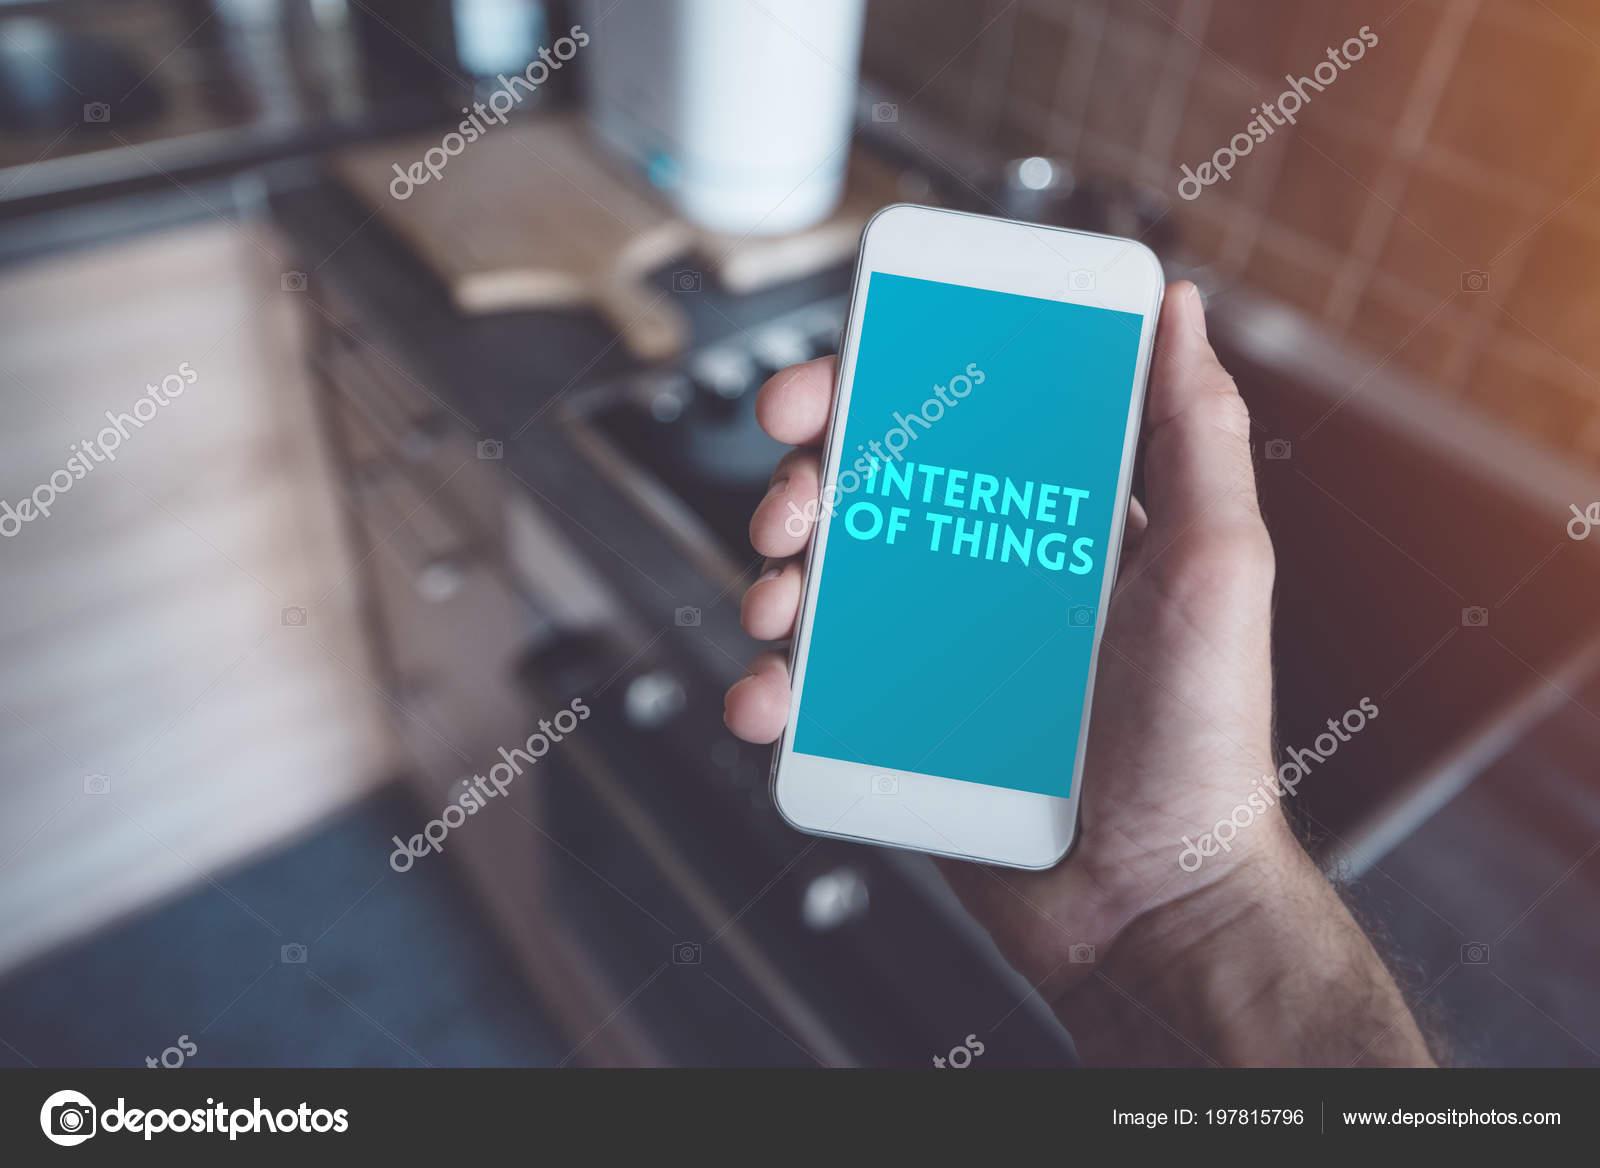 ceramic kitchen top beach cabinets 互联网的东西智能手机连接陶瓷炉顶部智能家居厨房用具与手机连接和交换 互联网的东西智能手机连接陶瓷炉顶部智能家居厨房用具与手机连接